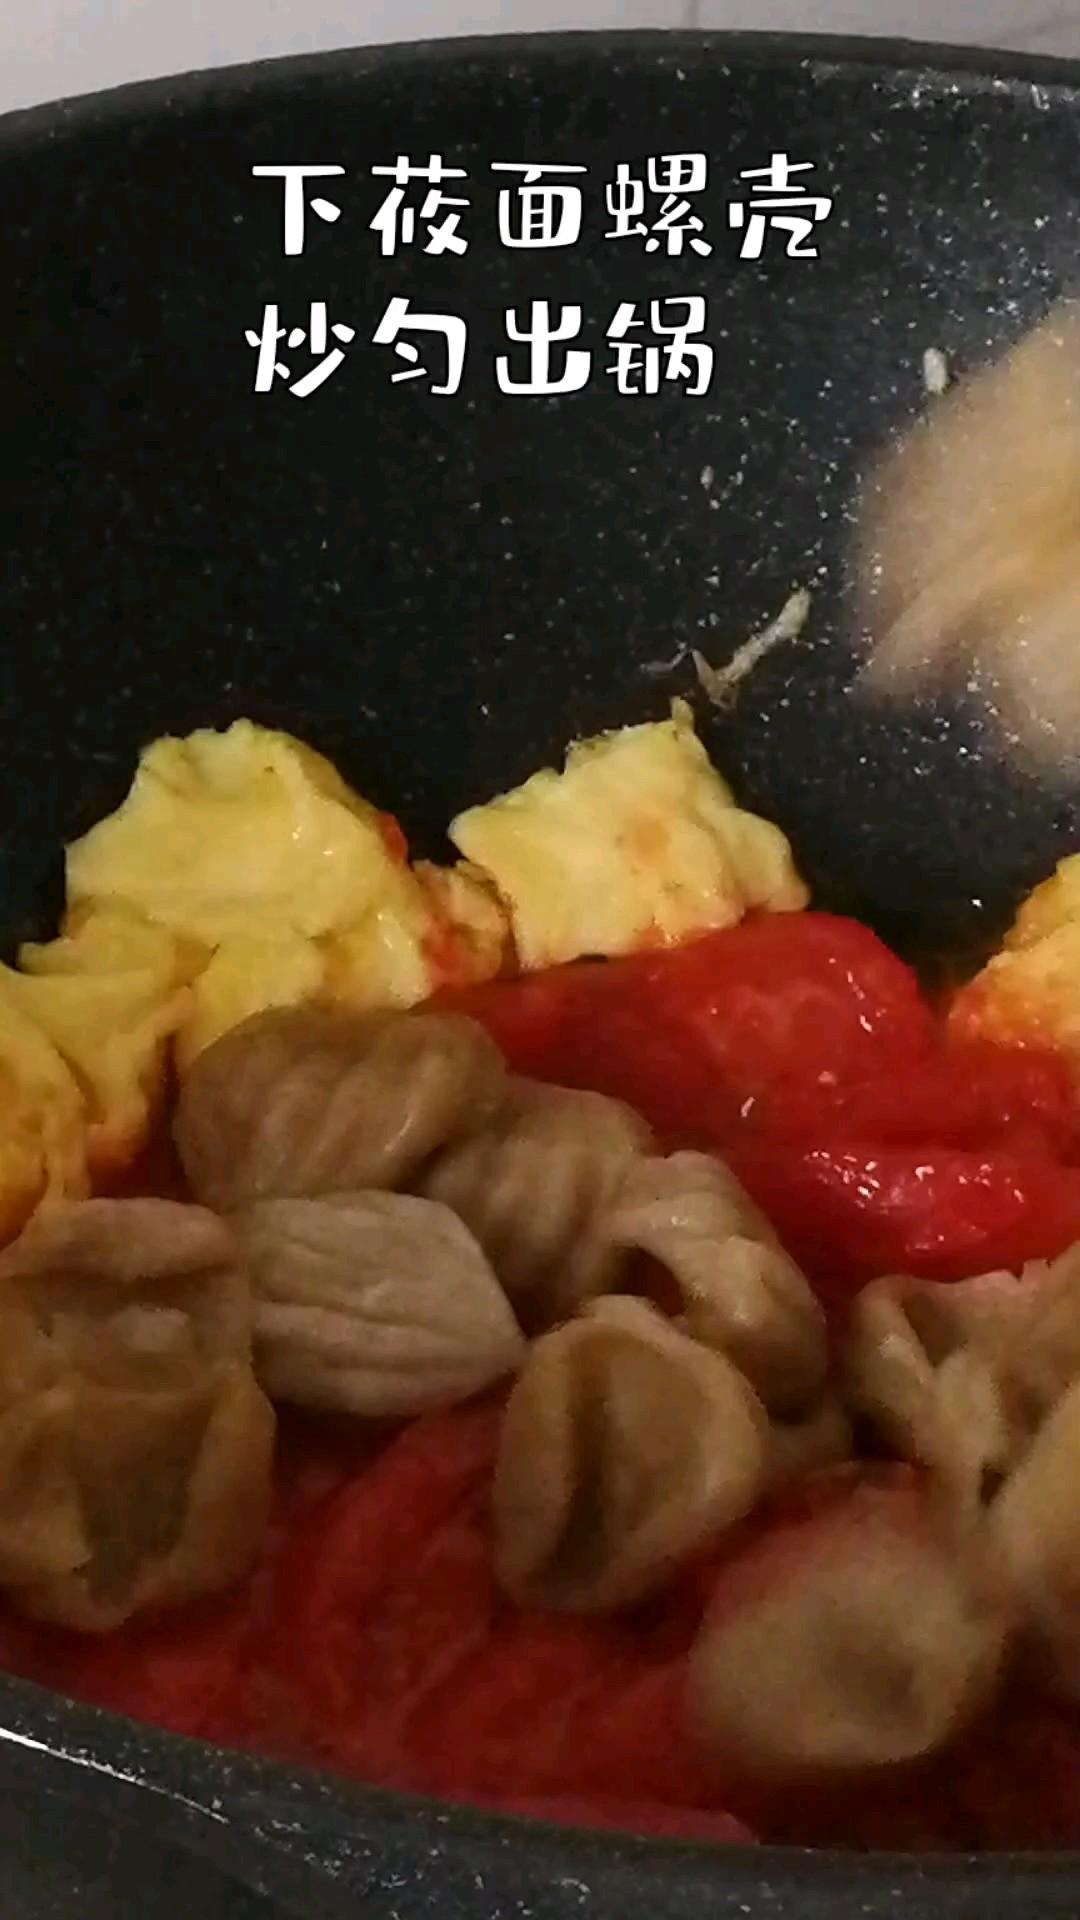 西红柿莜面螺壳的步骤